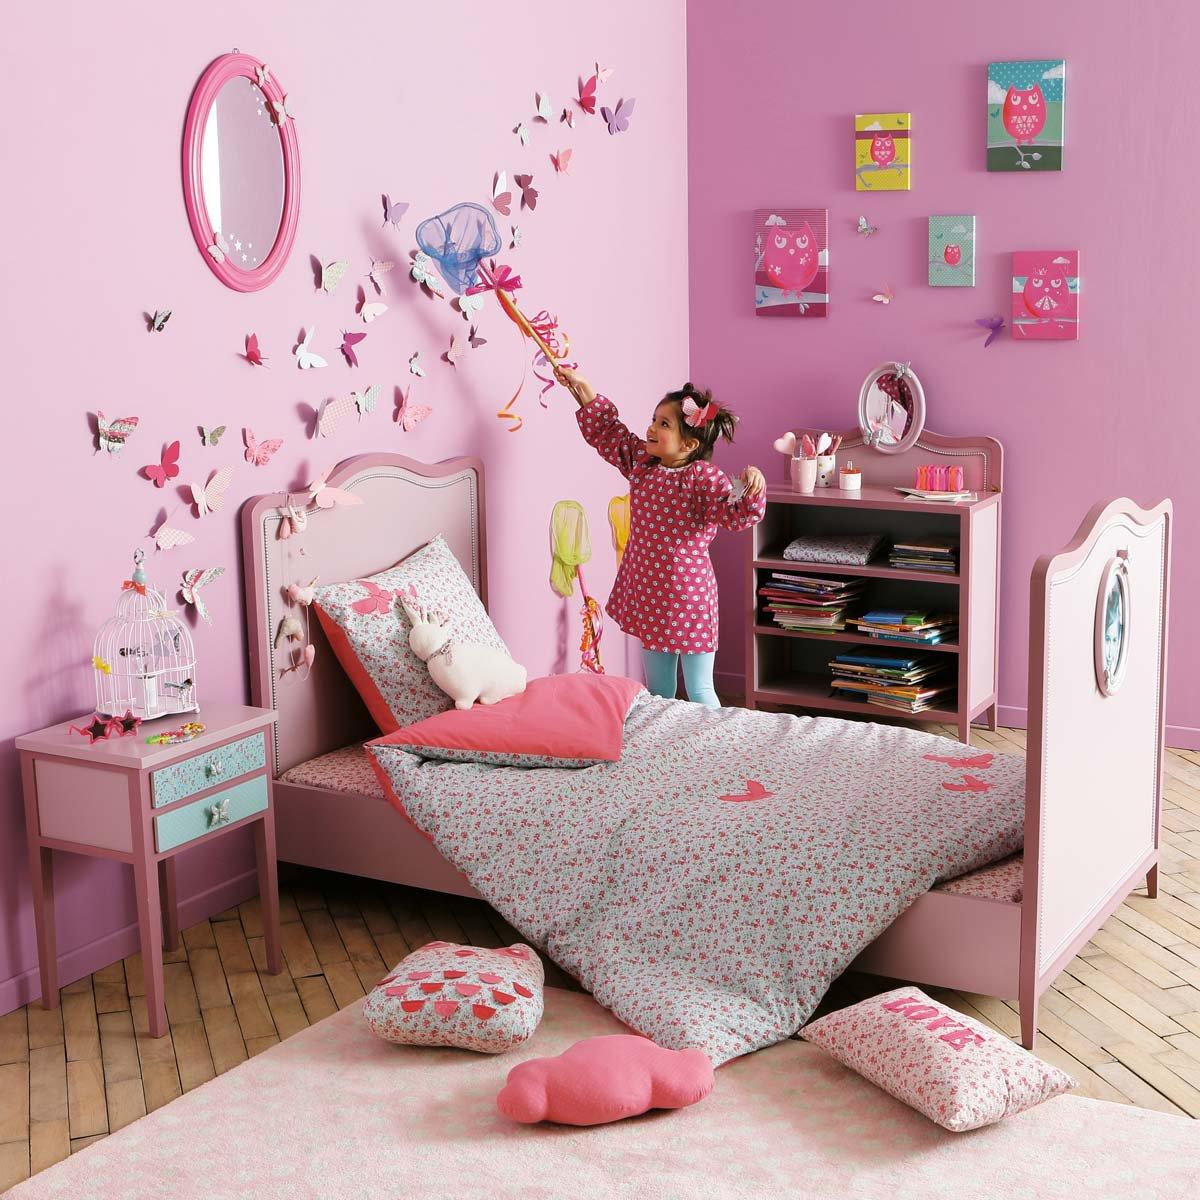 Dormitorios con el estilo princesa - Juegos para chicas de decoracion ...